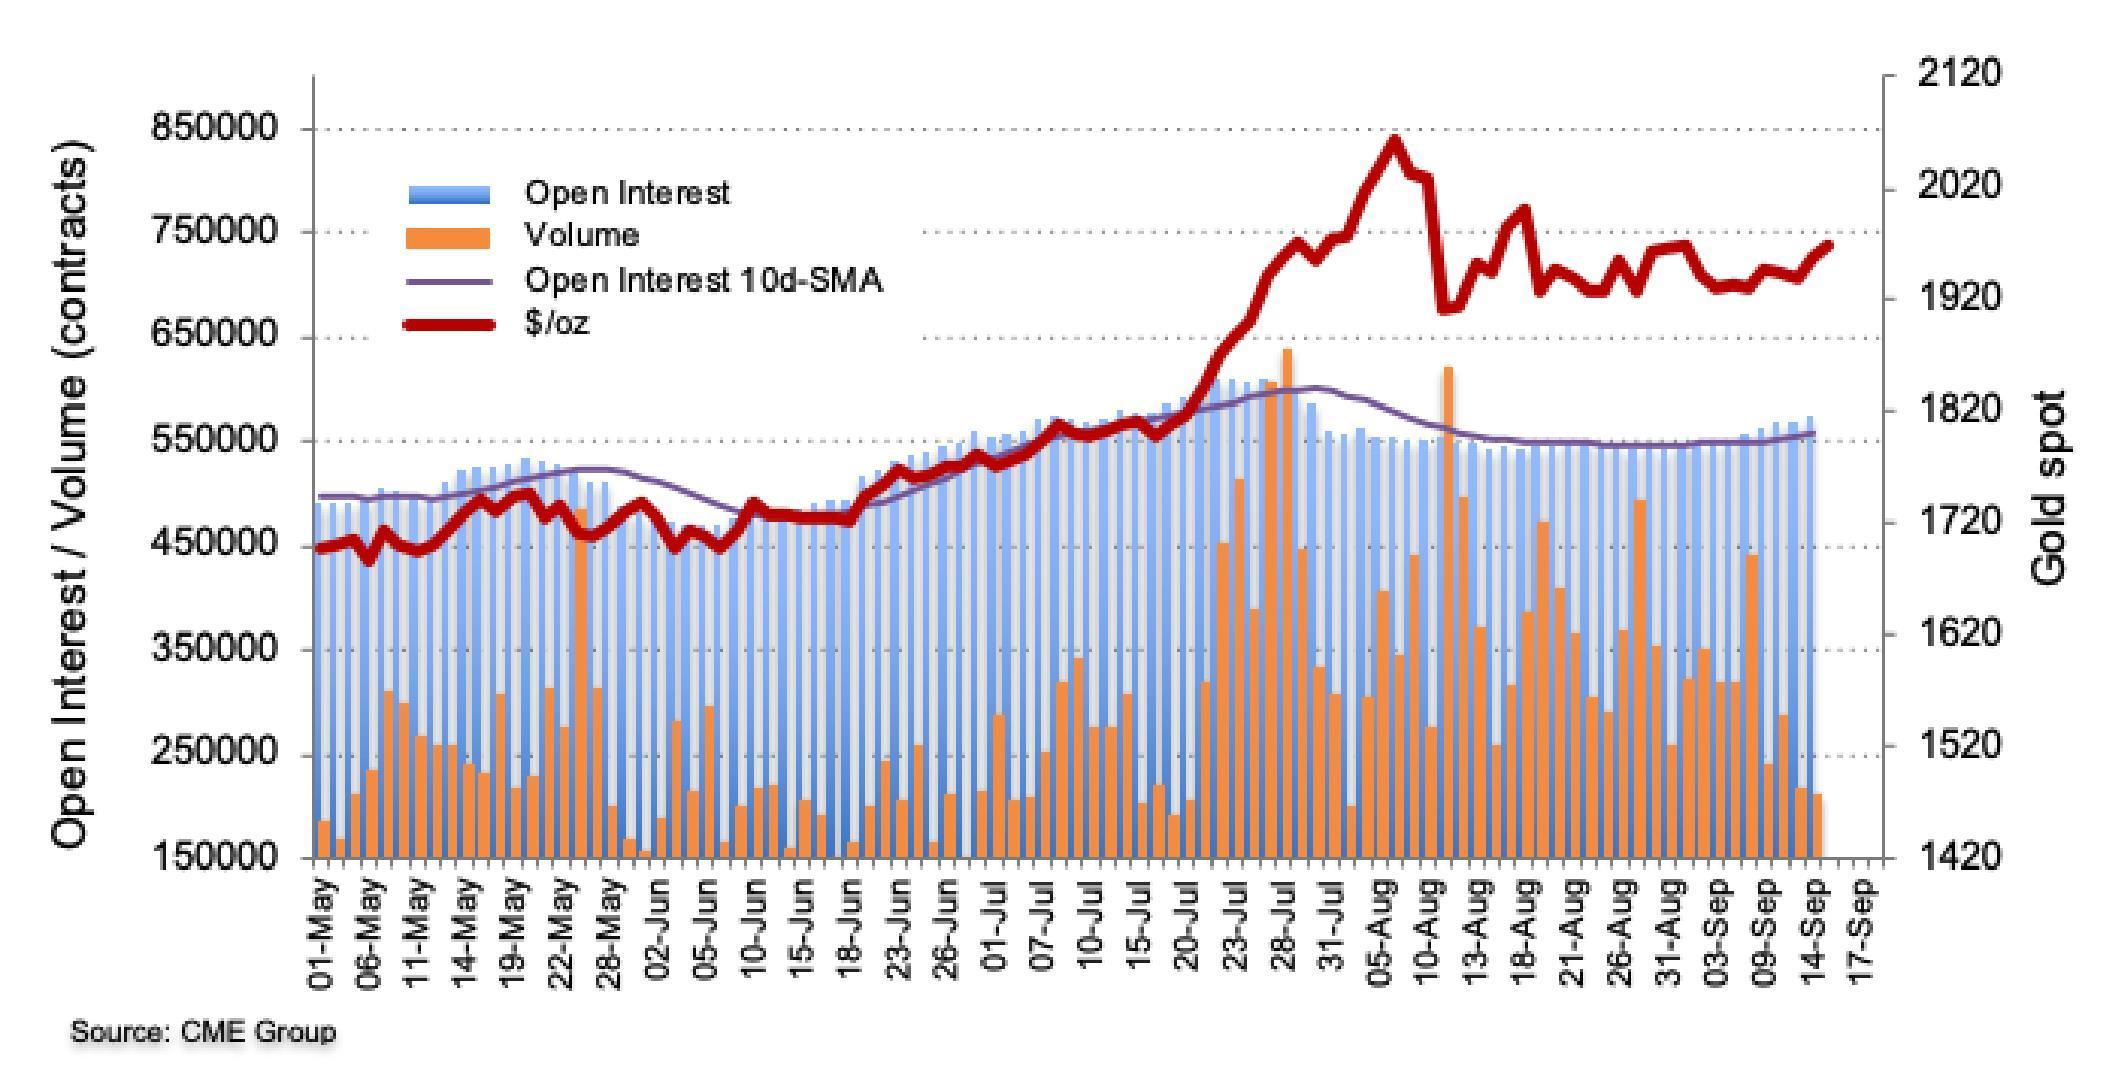 Số lượng hợp đồng mở tăng trở lại trong ngày hôm qua. Ảnh: CME Group